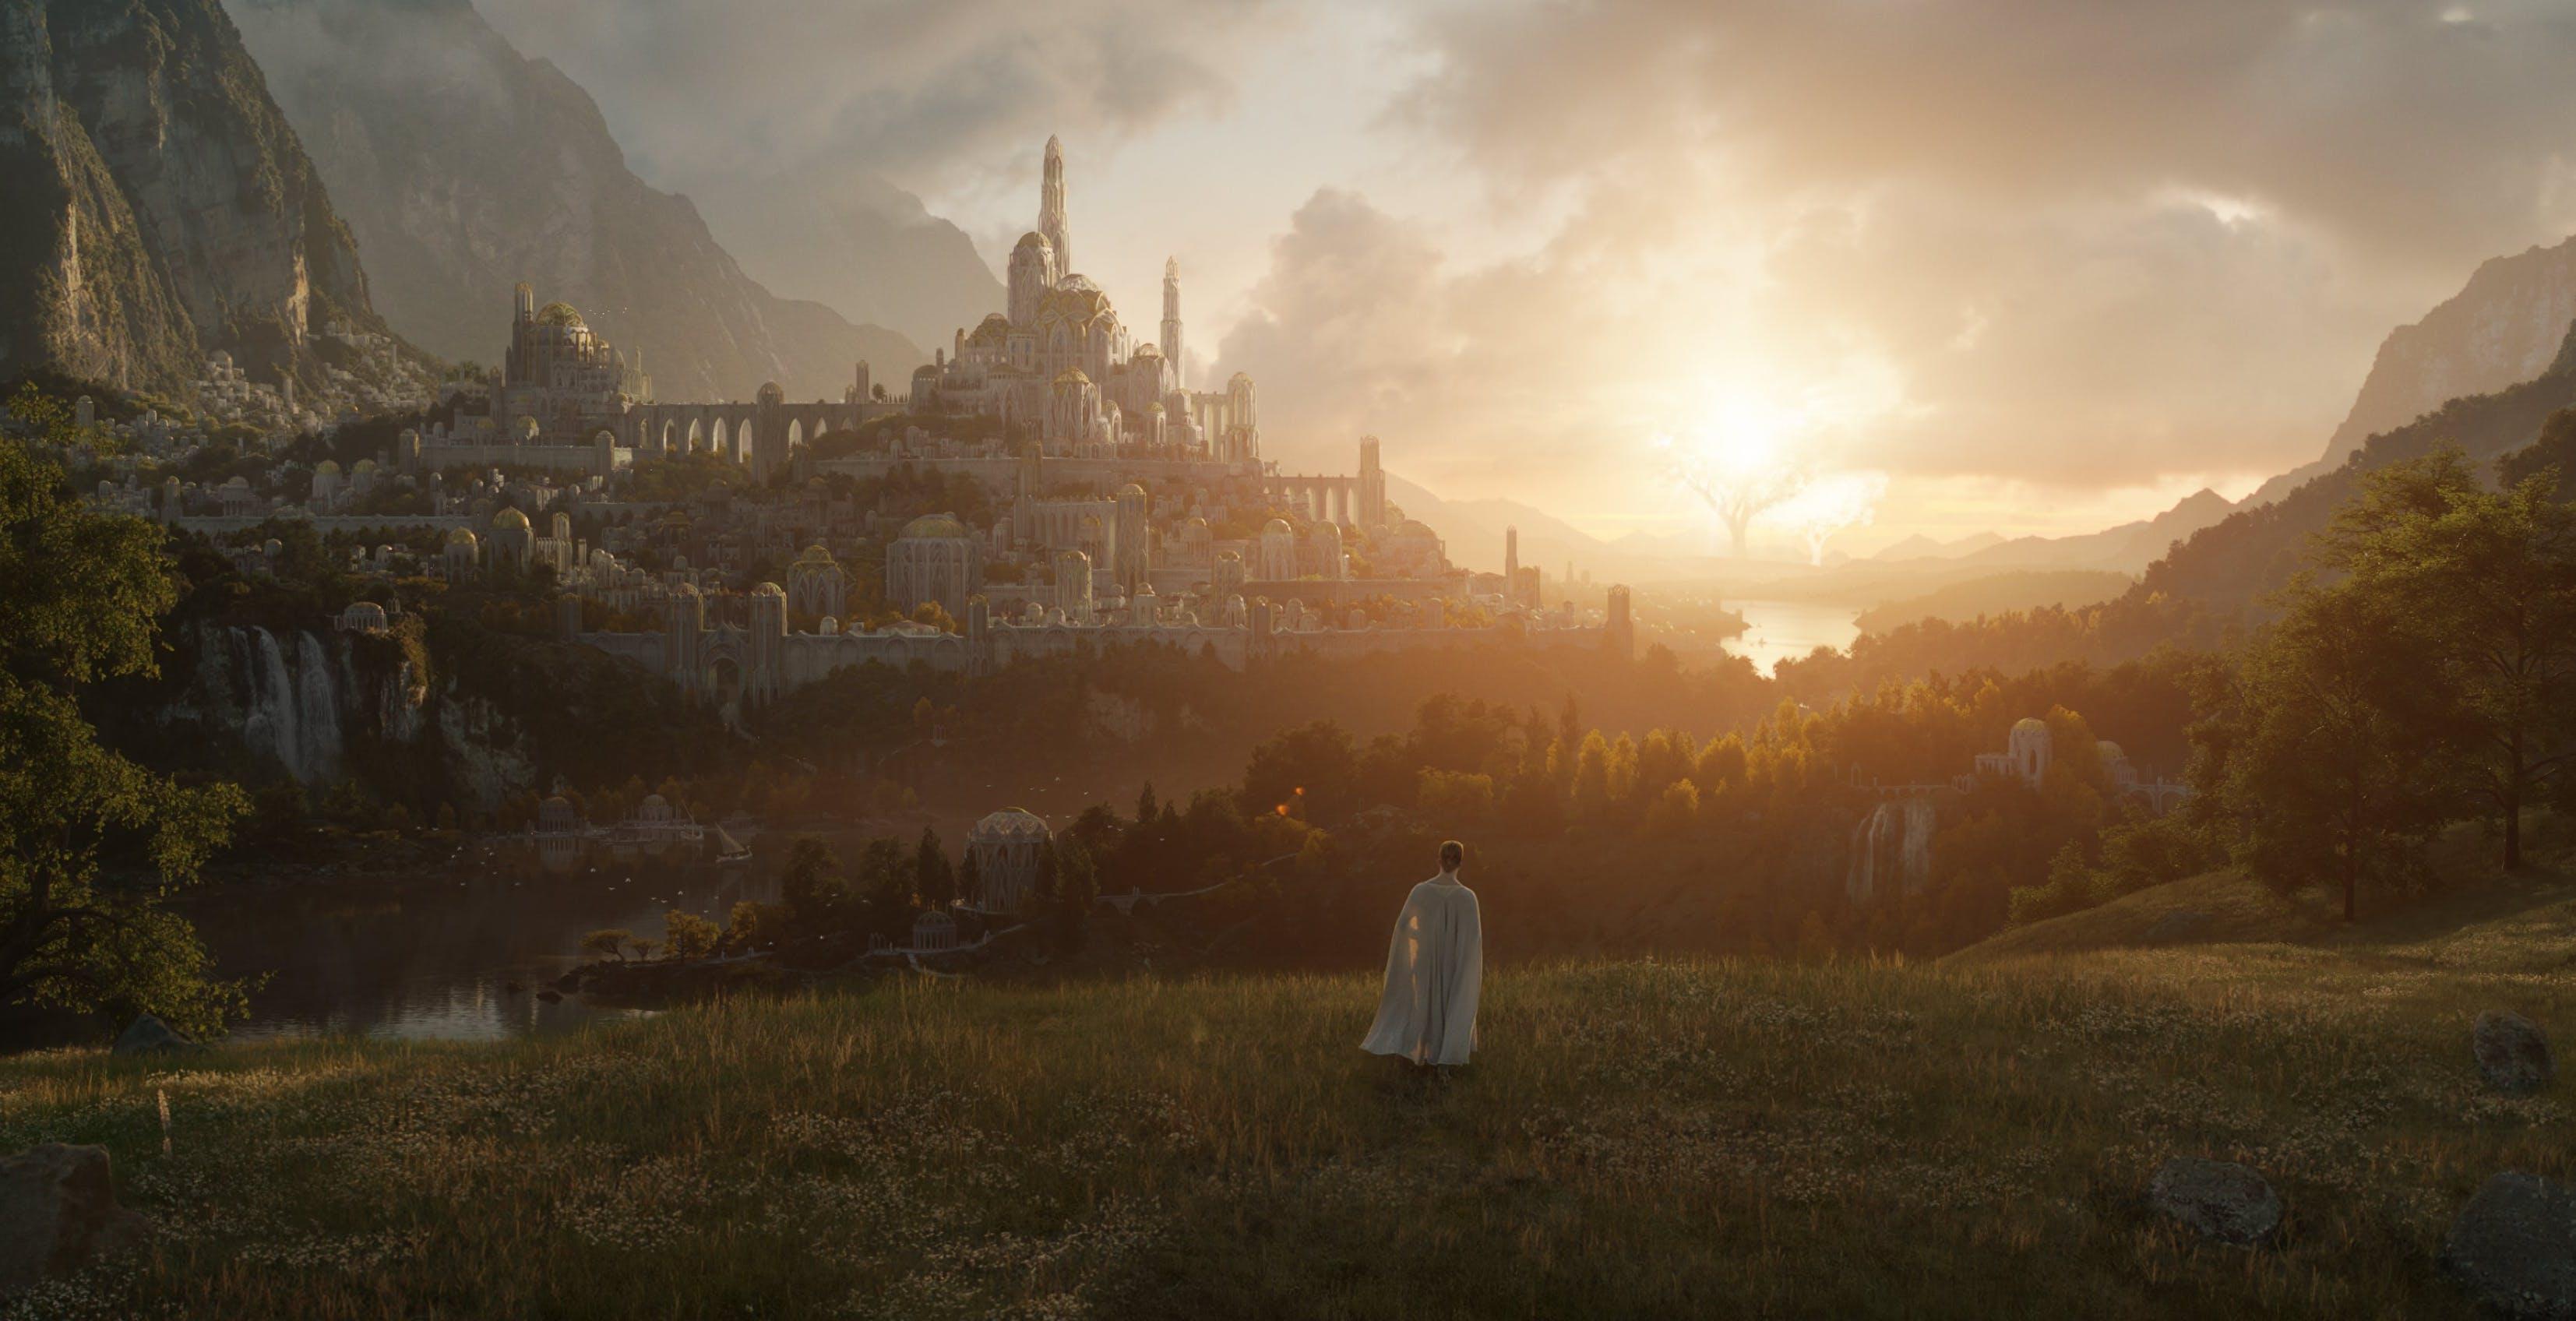 Il Signore degli Anelli, la serie colossal di Amazon, debutterà su Prime Video nel settembre 2022